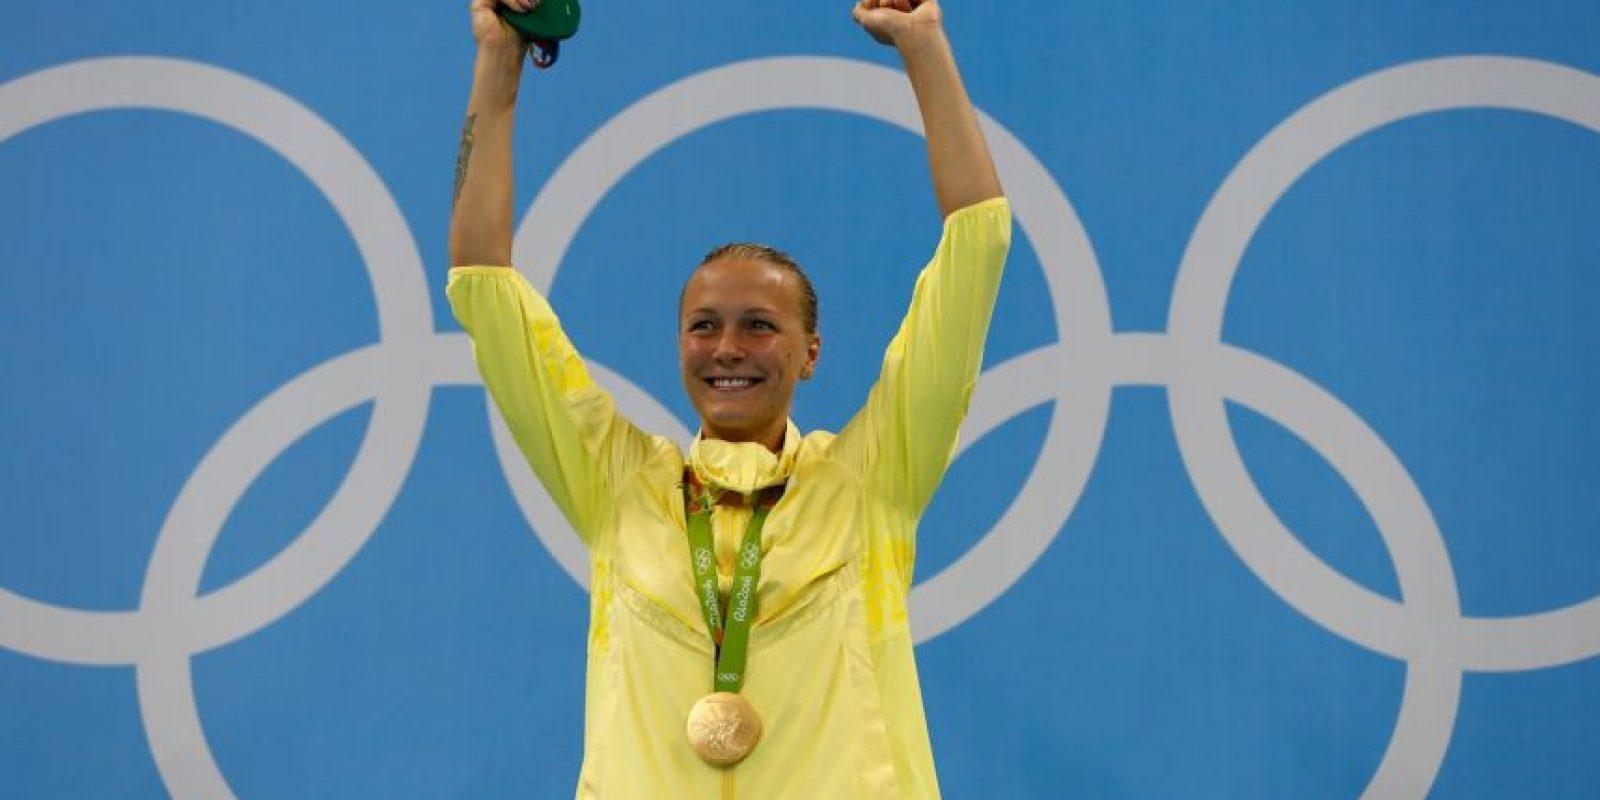 Ledecky no decepcionó en la piscina y sólo compitió contra ella misma para quedarse con el oro, en los 800 metros libres Foto:Getty Images